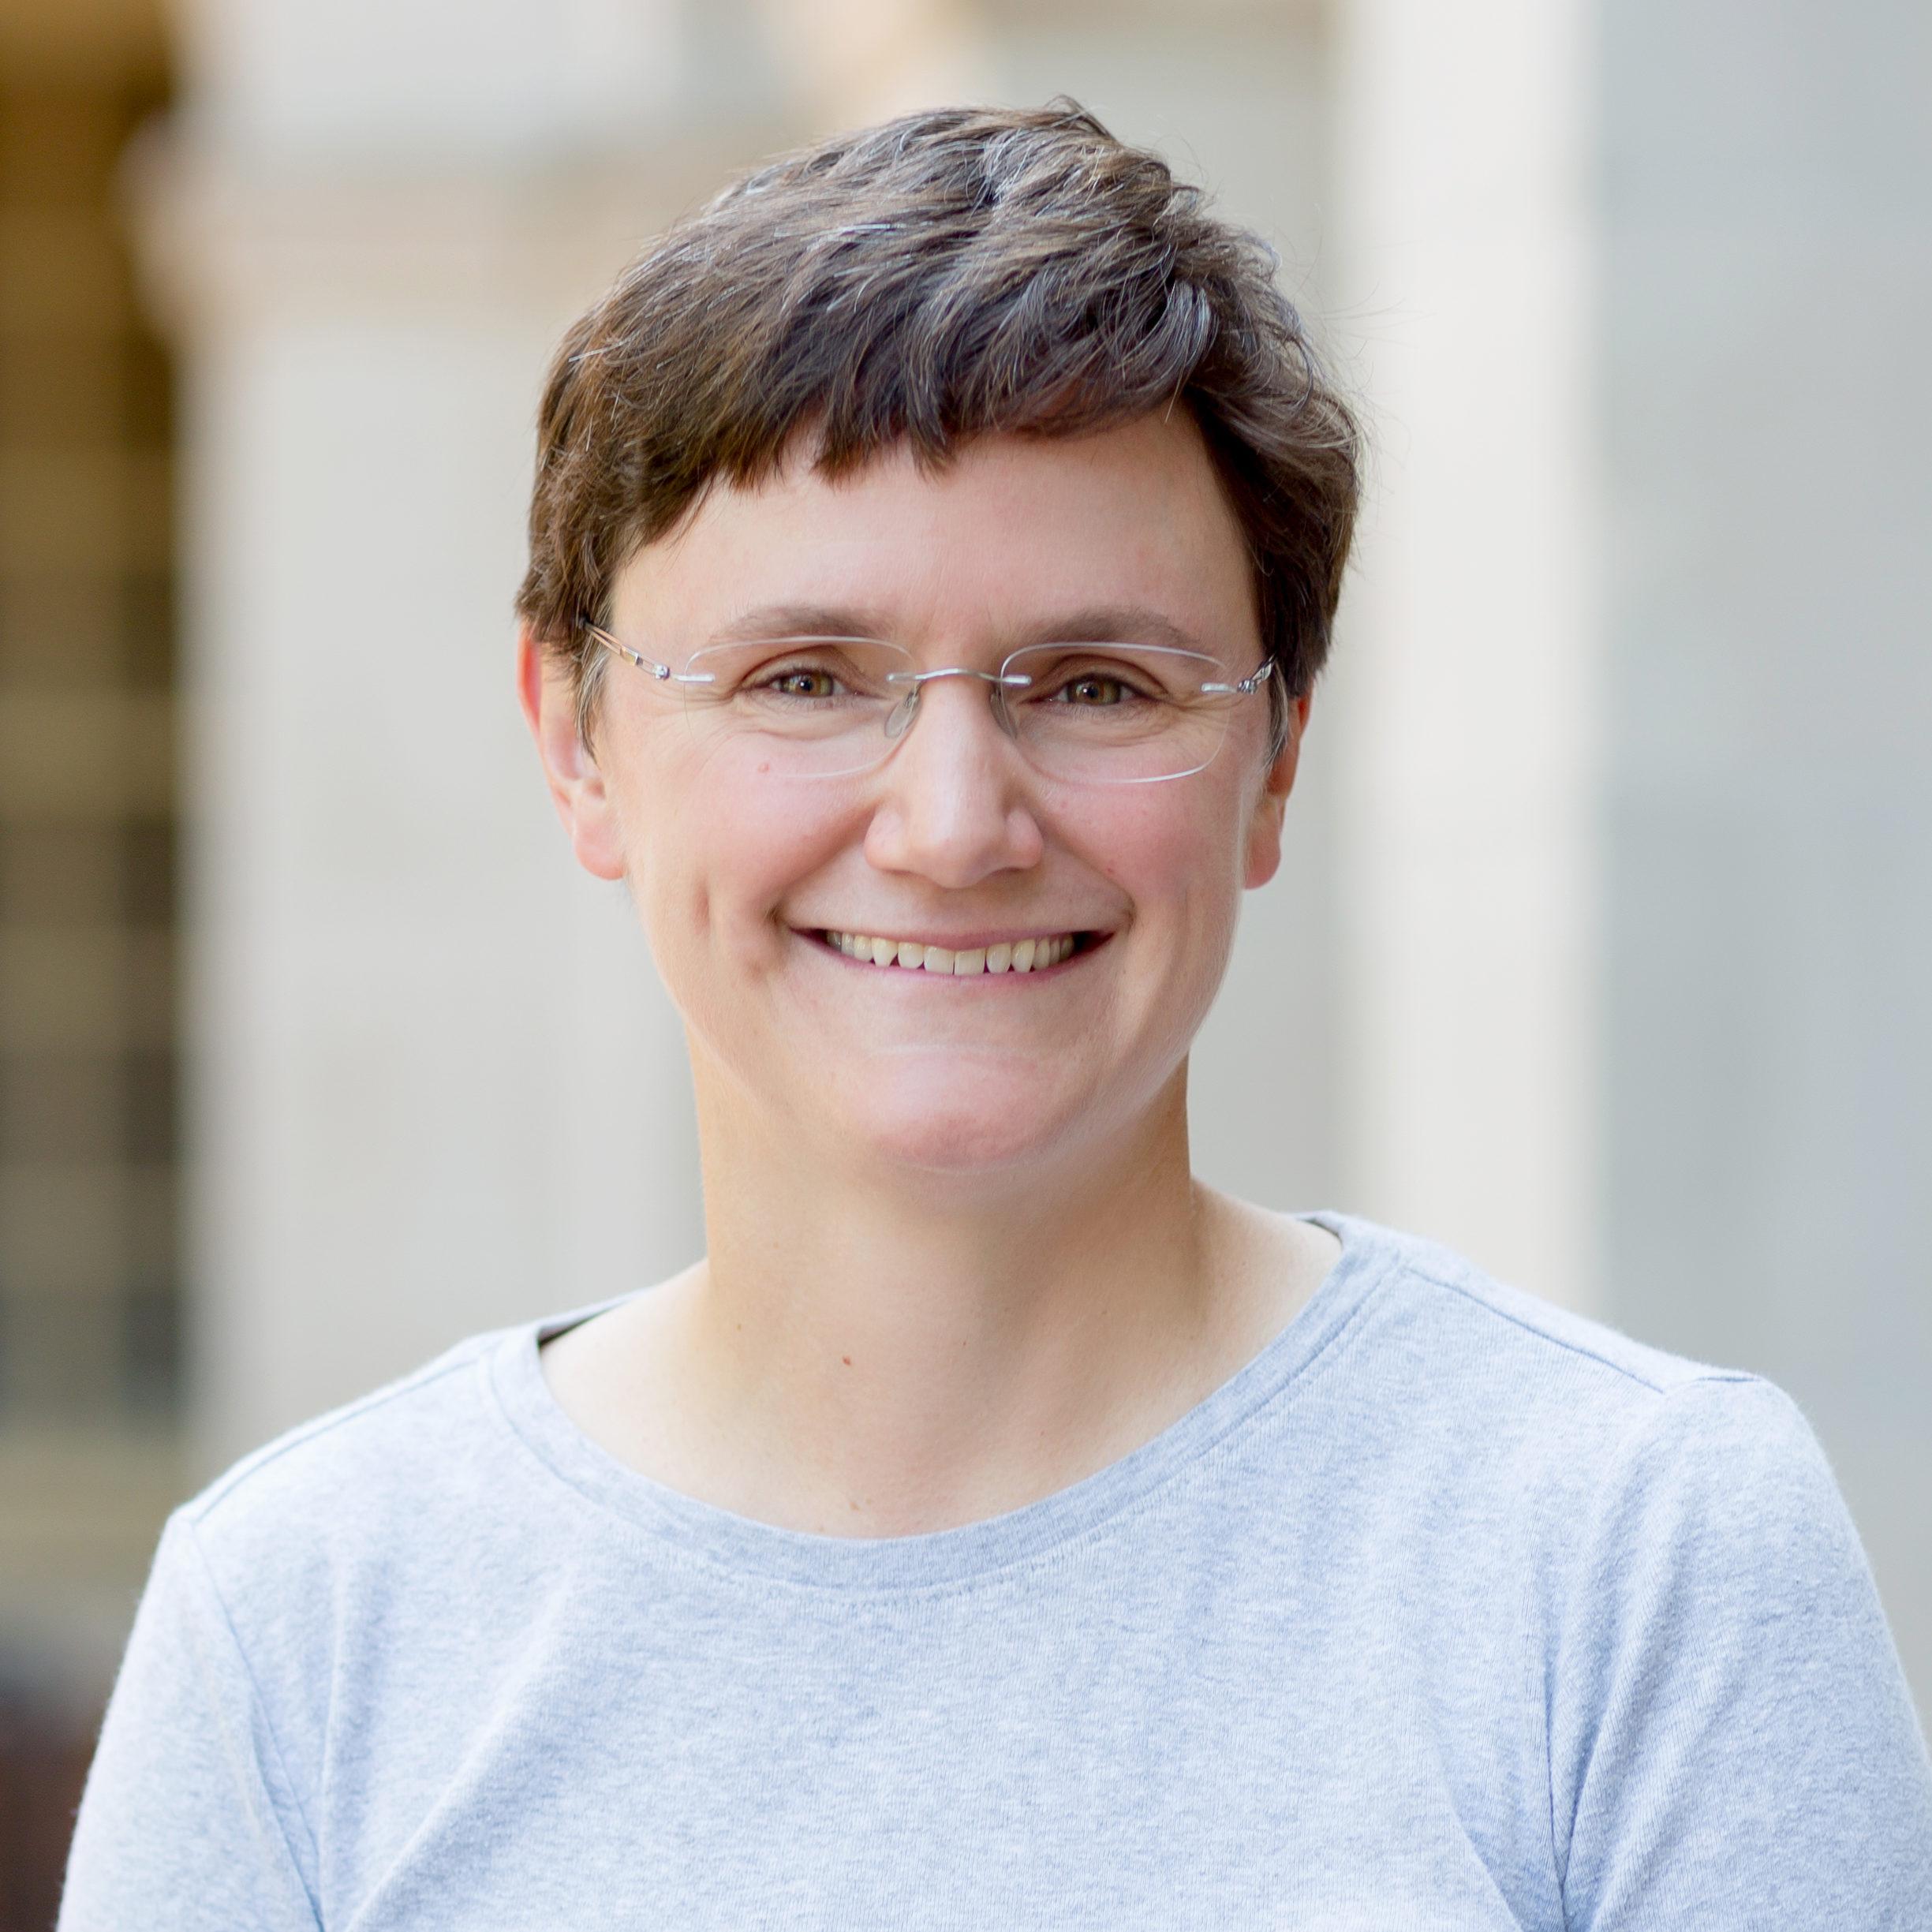 Anita McCauley